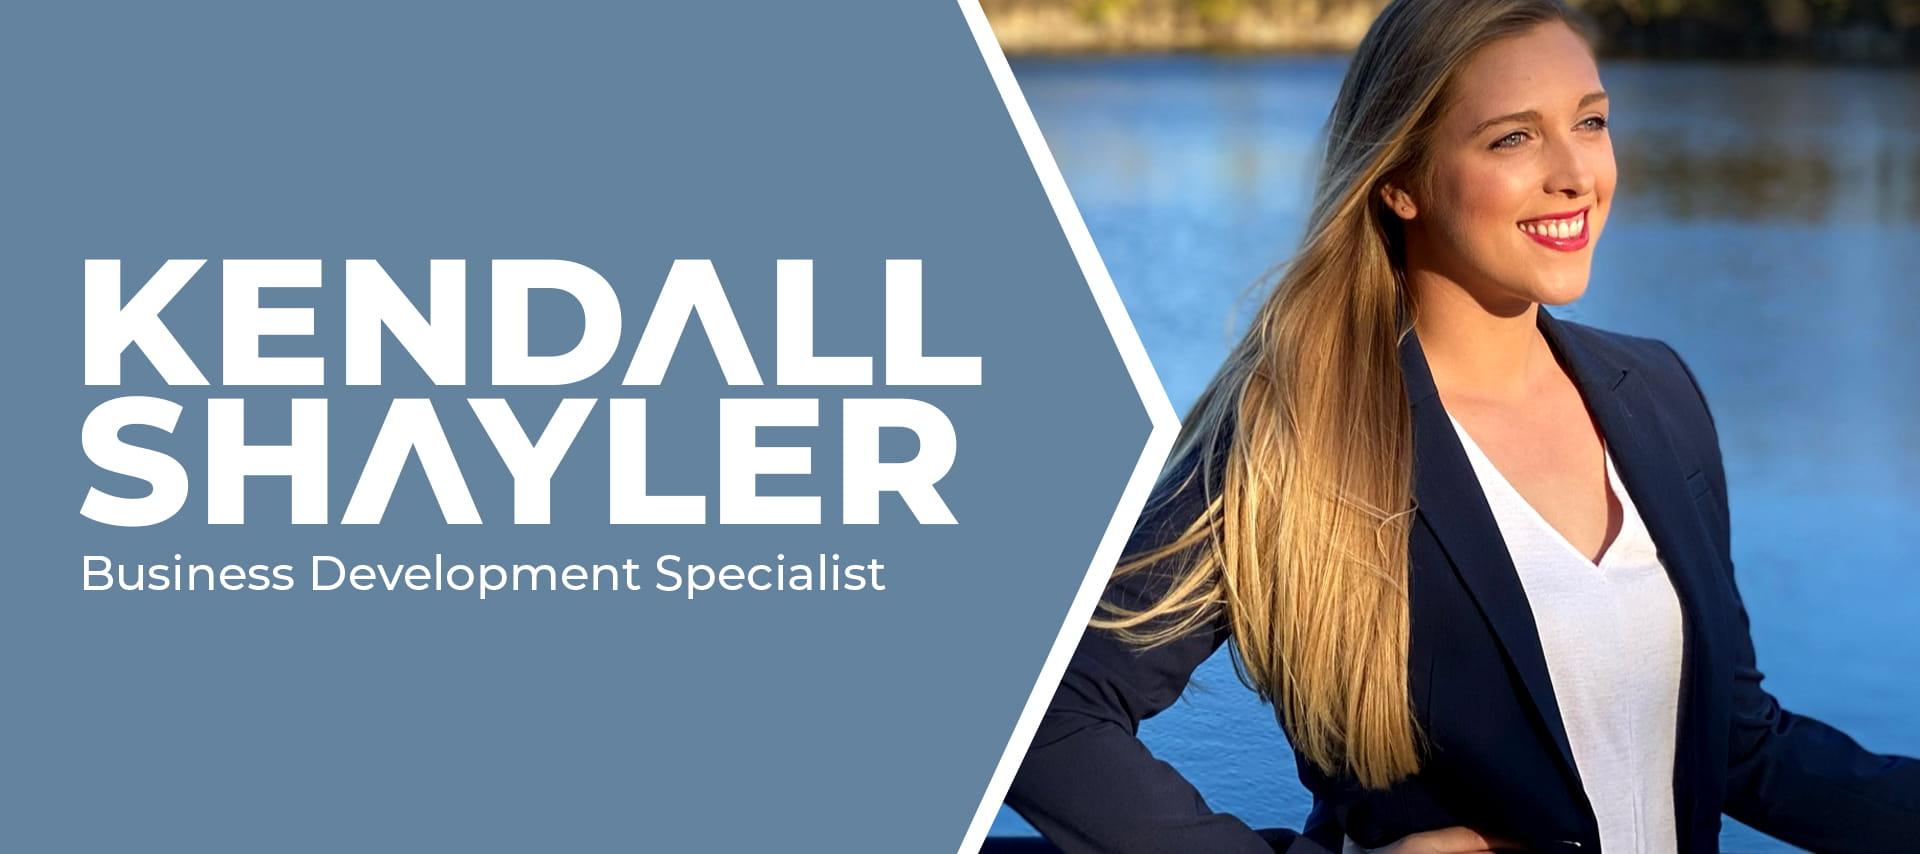 Kendall Shayler - Business Development